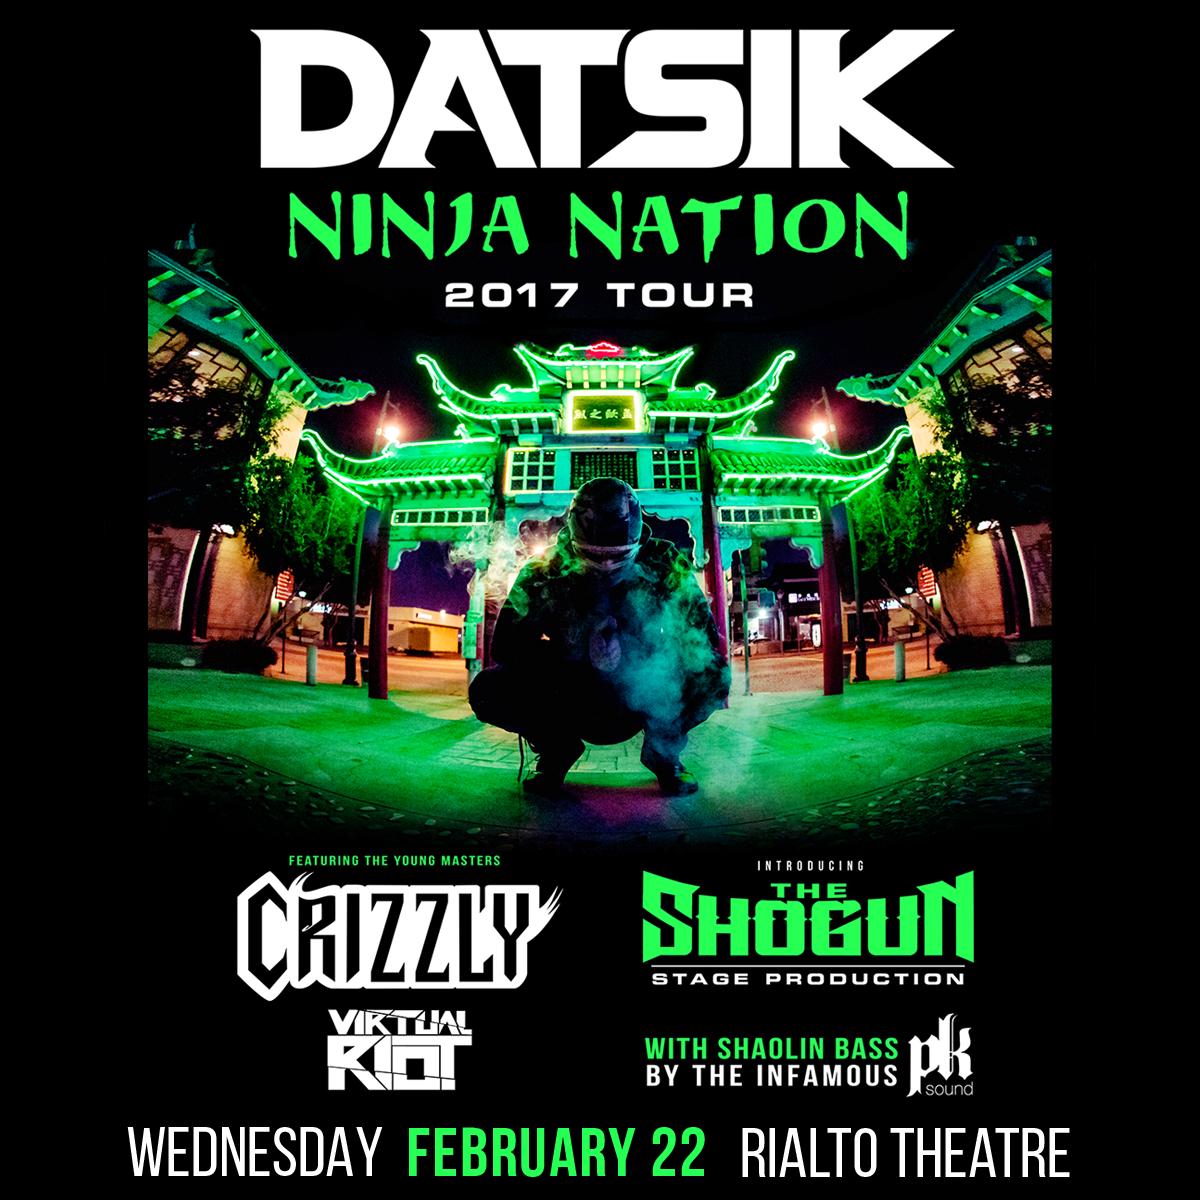 Flyer for Datsik - Ninja Nation